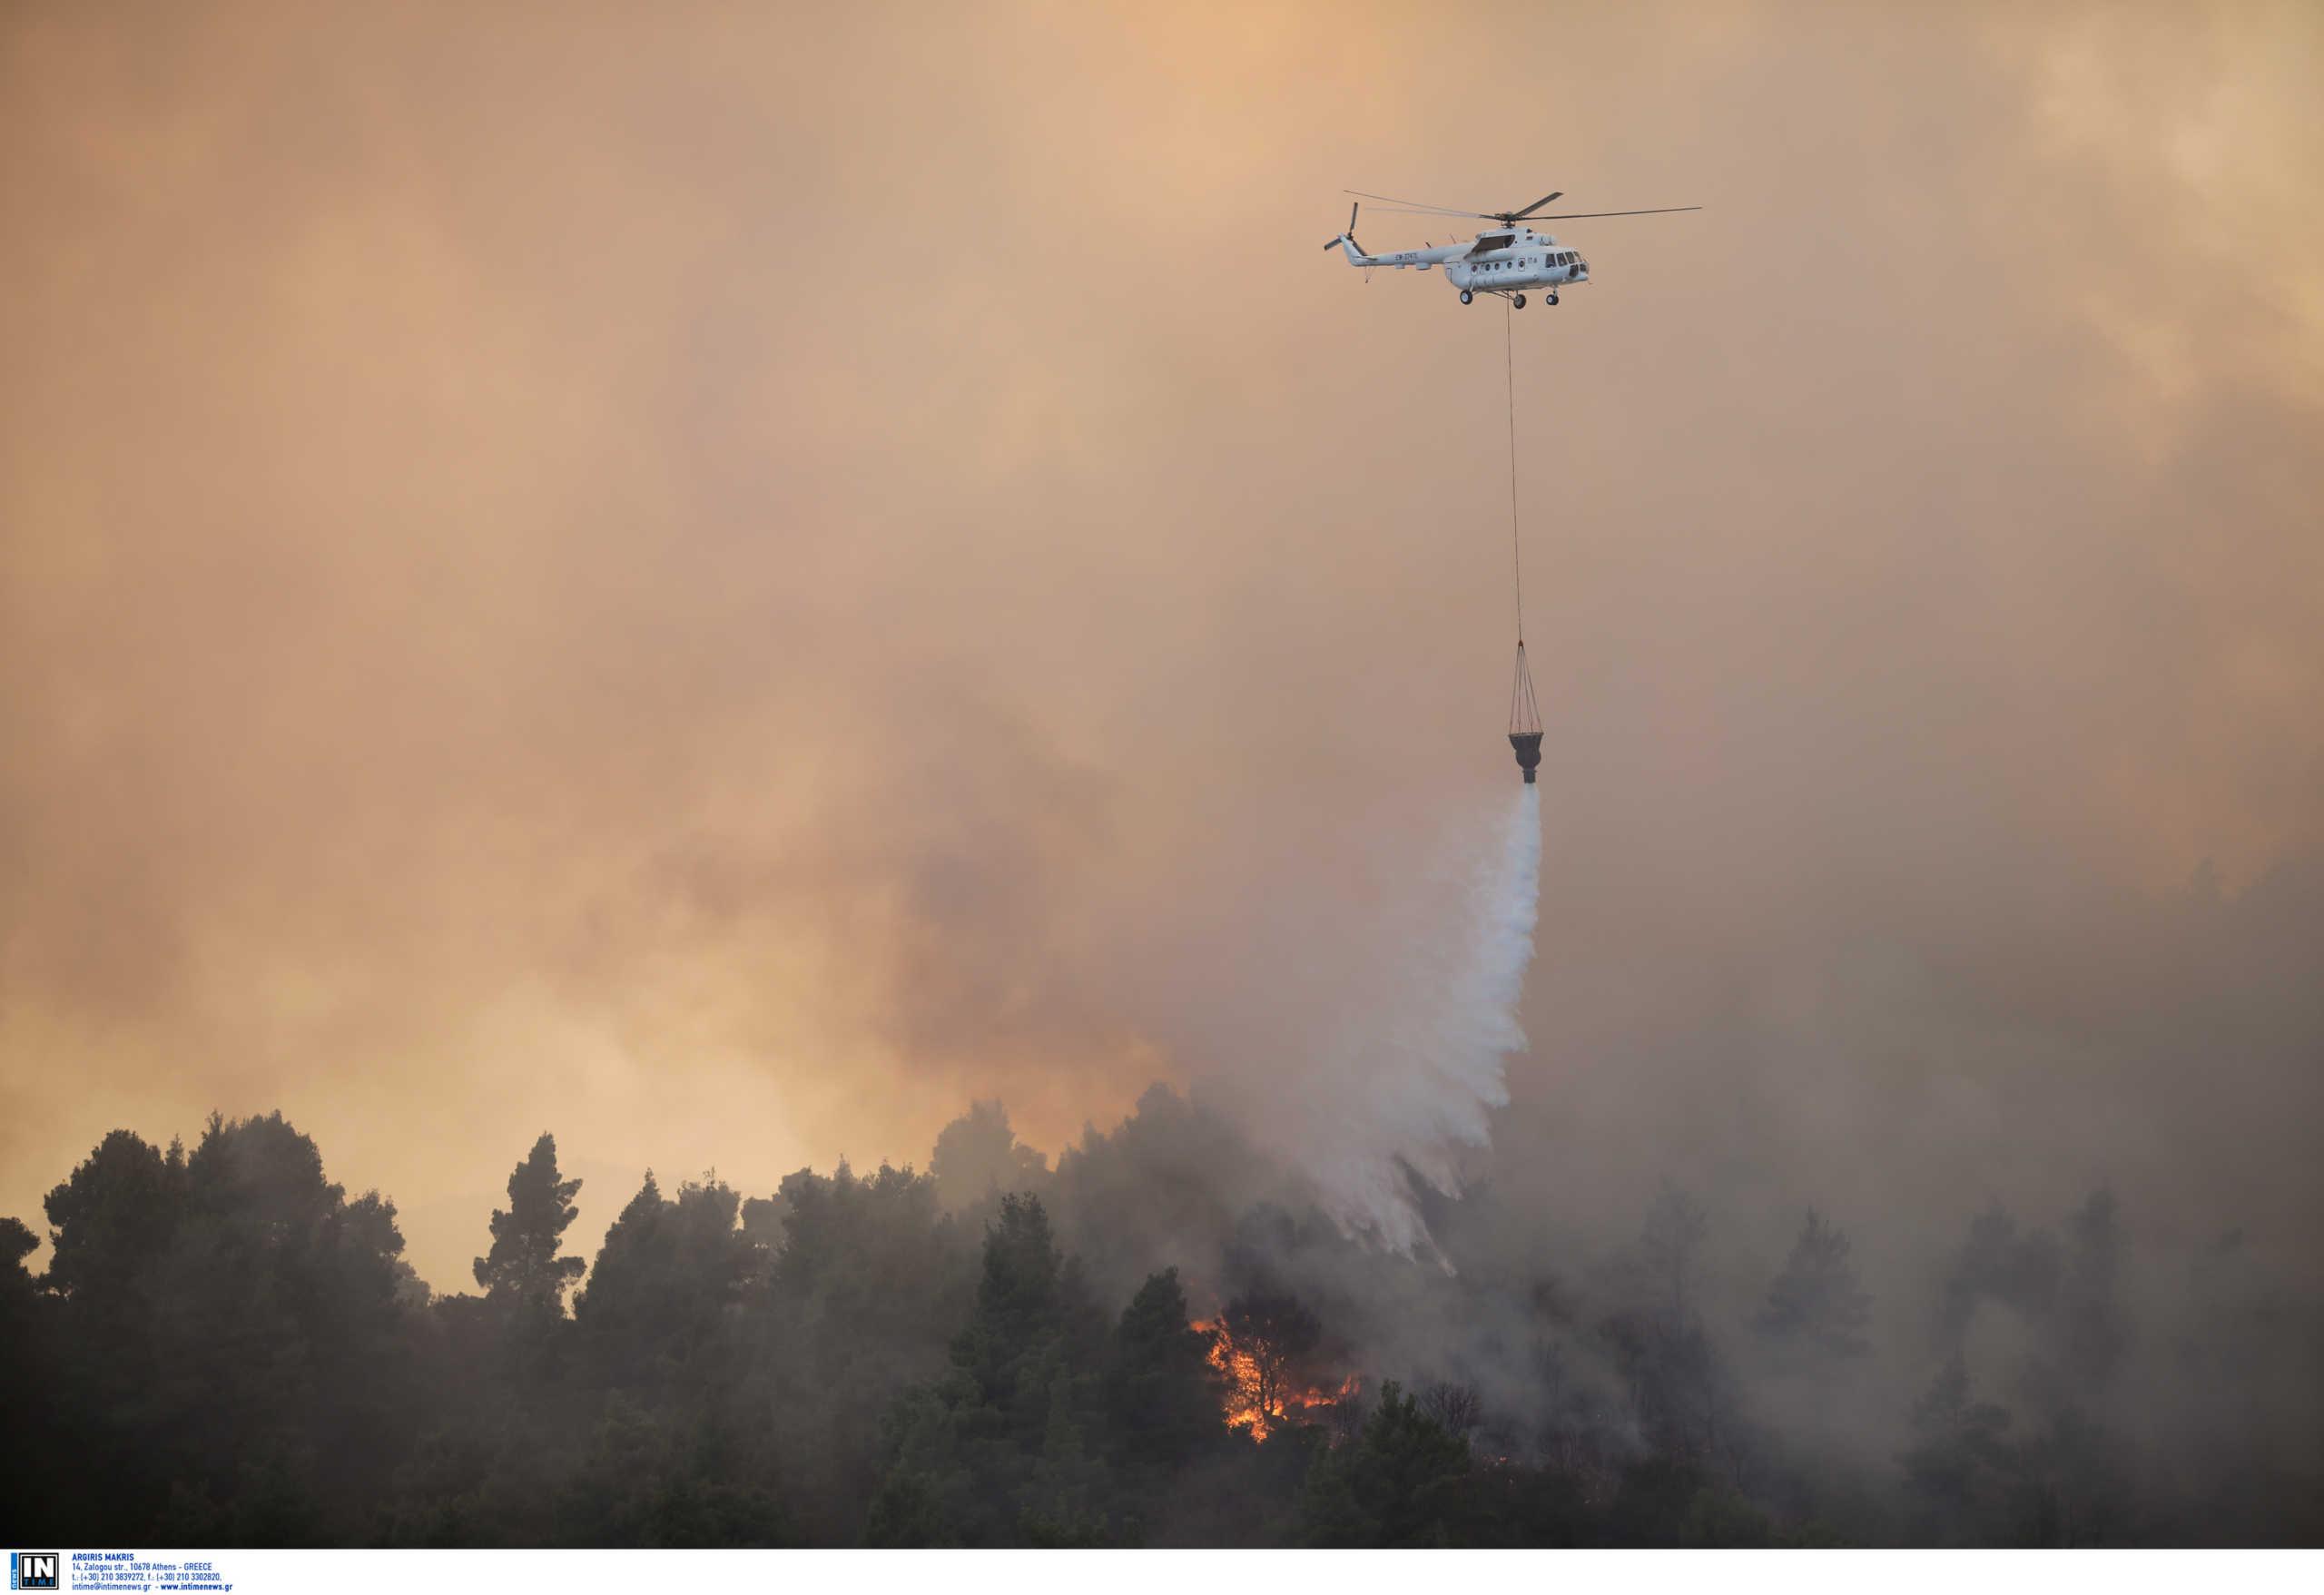 Κλιμάκιο των εγκλημάτων εμπρησμού στον Έβρο! 15 φωτιές μπήκαν μέσα σε 2 μέρες!